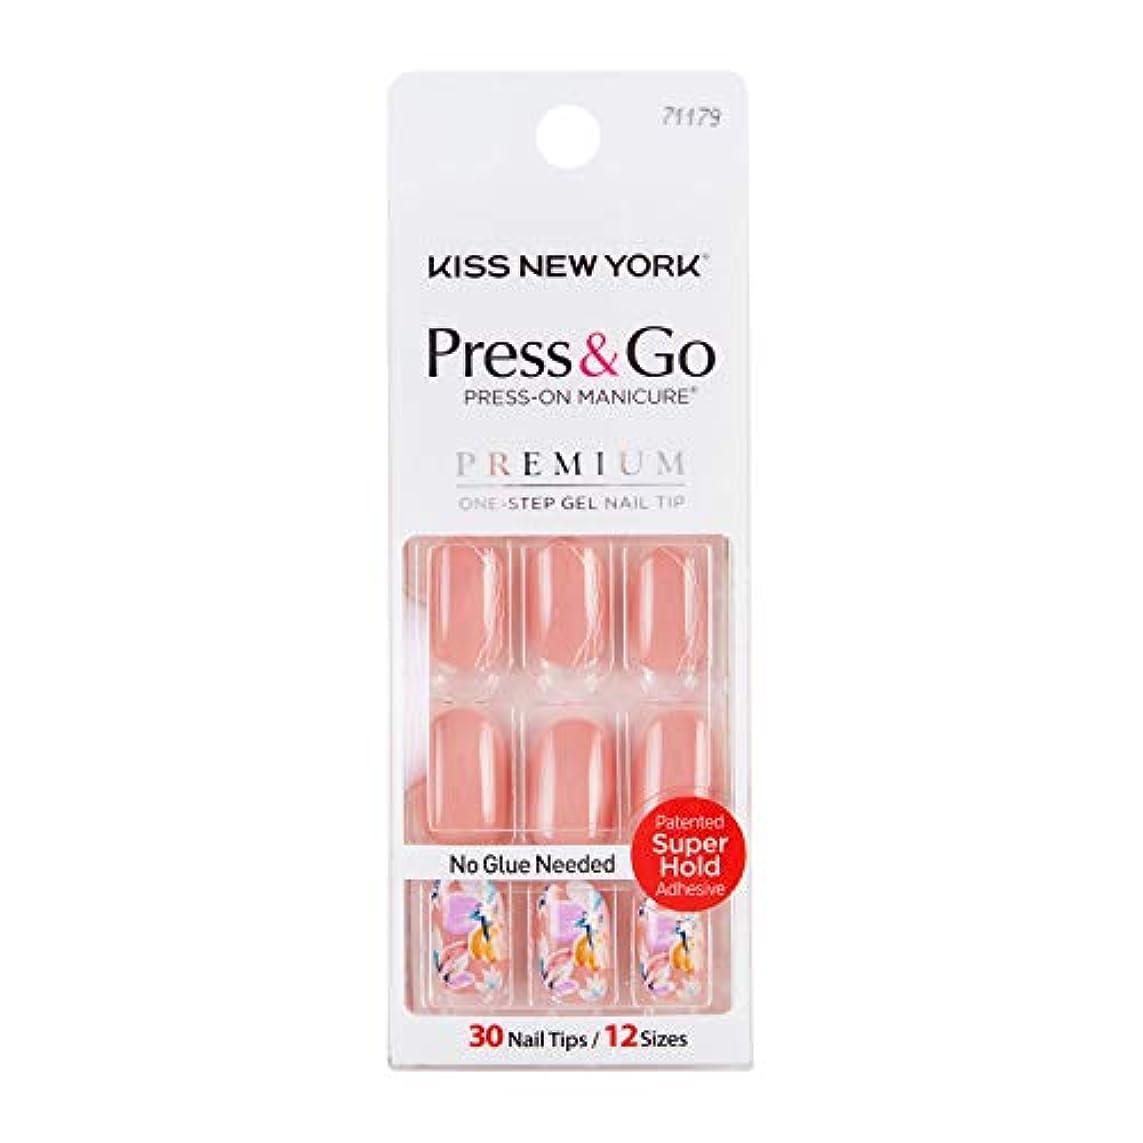 ぺディカブ活性化ペーストキスニューヨーク (KISS NEW YORK) KISS NEWYORK ネイルチップPress&Go BHJ27J 19g